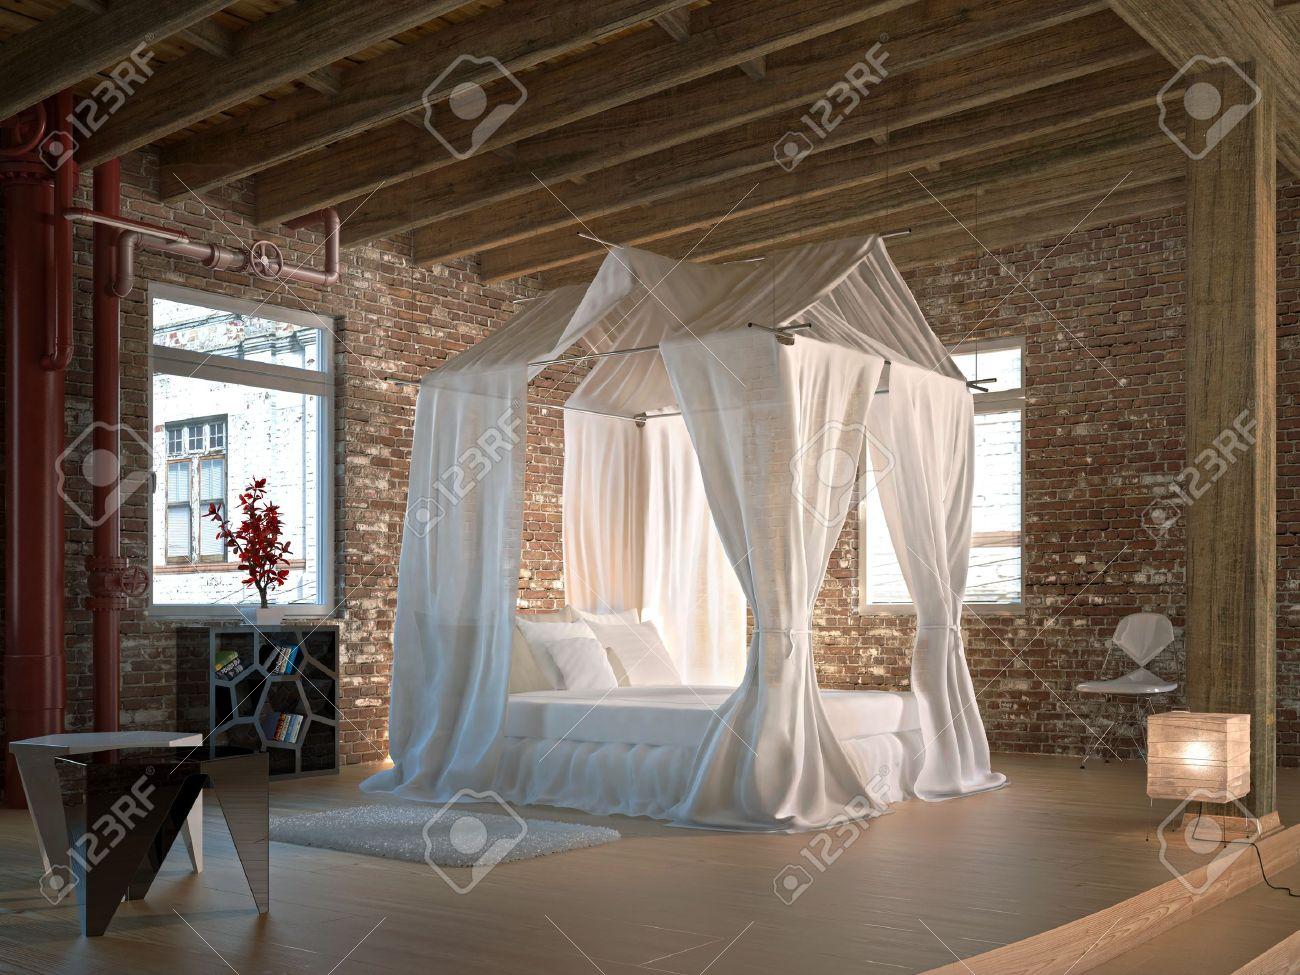 Luxus schlafzimmer mit himmelbett  Luxus Loft-Schlafzimmer Mit Himmelbett Holz Boden Und Decke Und ...